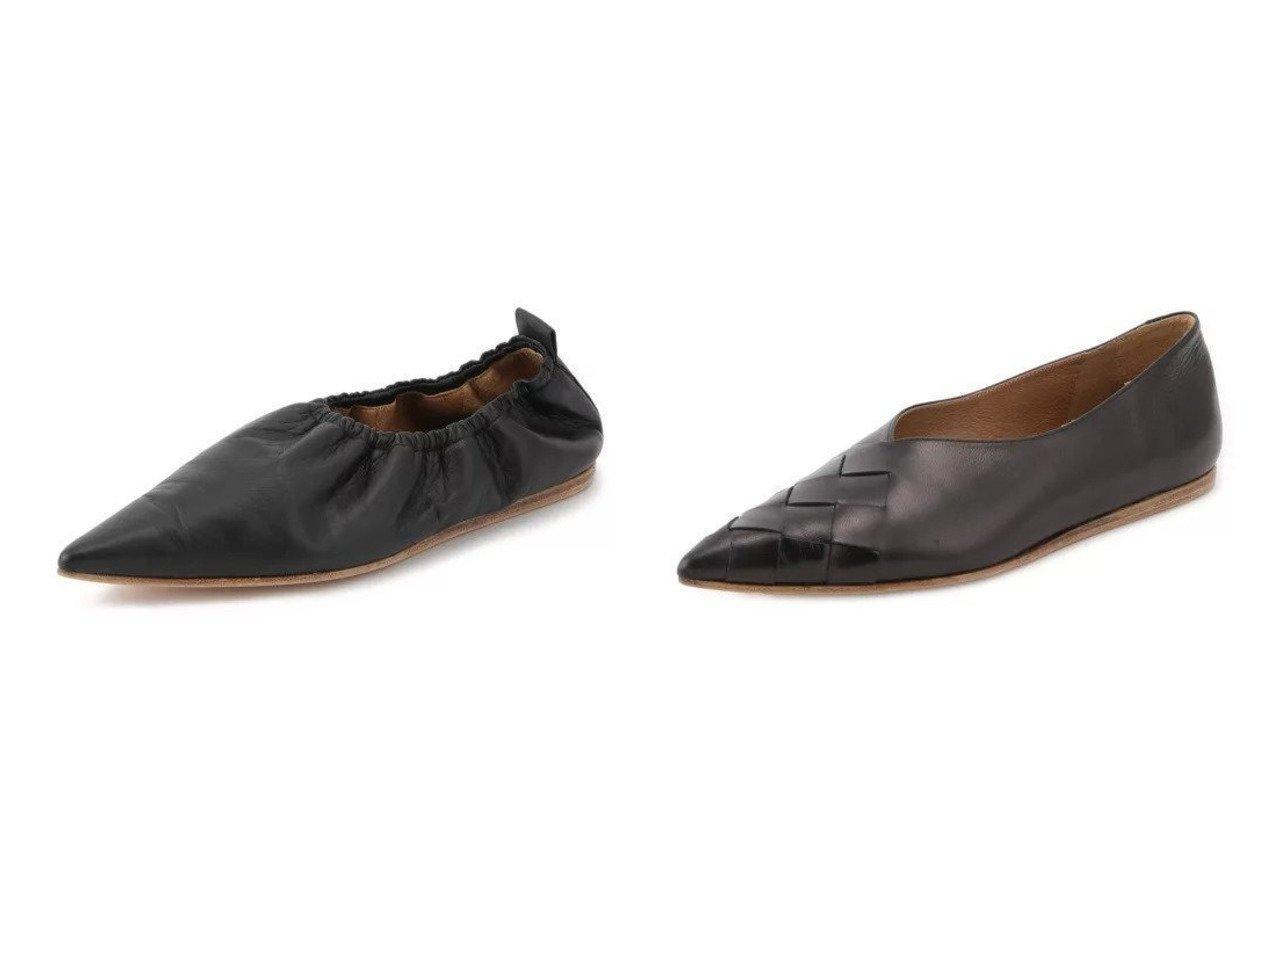 【MAISON EUREKA/メゾンエウレカ】のPOINTED BALLET SHOES&POINTED MESH PUMPS シューズ・靴のおすすめ!人気、トレンド・レディースファッションの通販 おすすめで人気の流行・トレンド、ファッションの通販商品 メンズファッション・キッズファッション・インテリア・家具・レディースファッション・服の通販 founy(ファニー) https://founy.com/ ファッション Fashion レディースファッション WOMEN 2021年 2021 2021 春夏 S/S SS Spring/Summer 2021 S/S 春夏 SS Spring/Summer シューズ デニム バレエ フラット ポインテッド メッシュ |ID:crp329100000015323